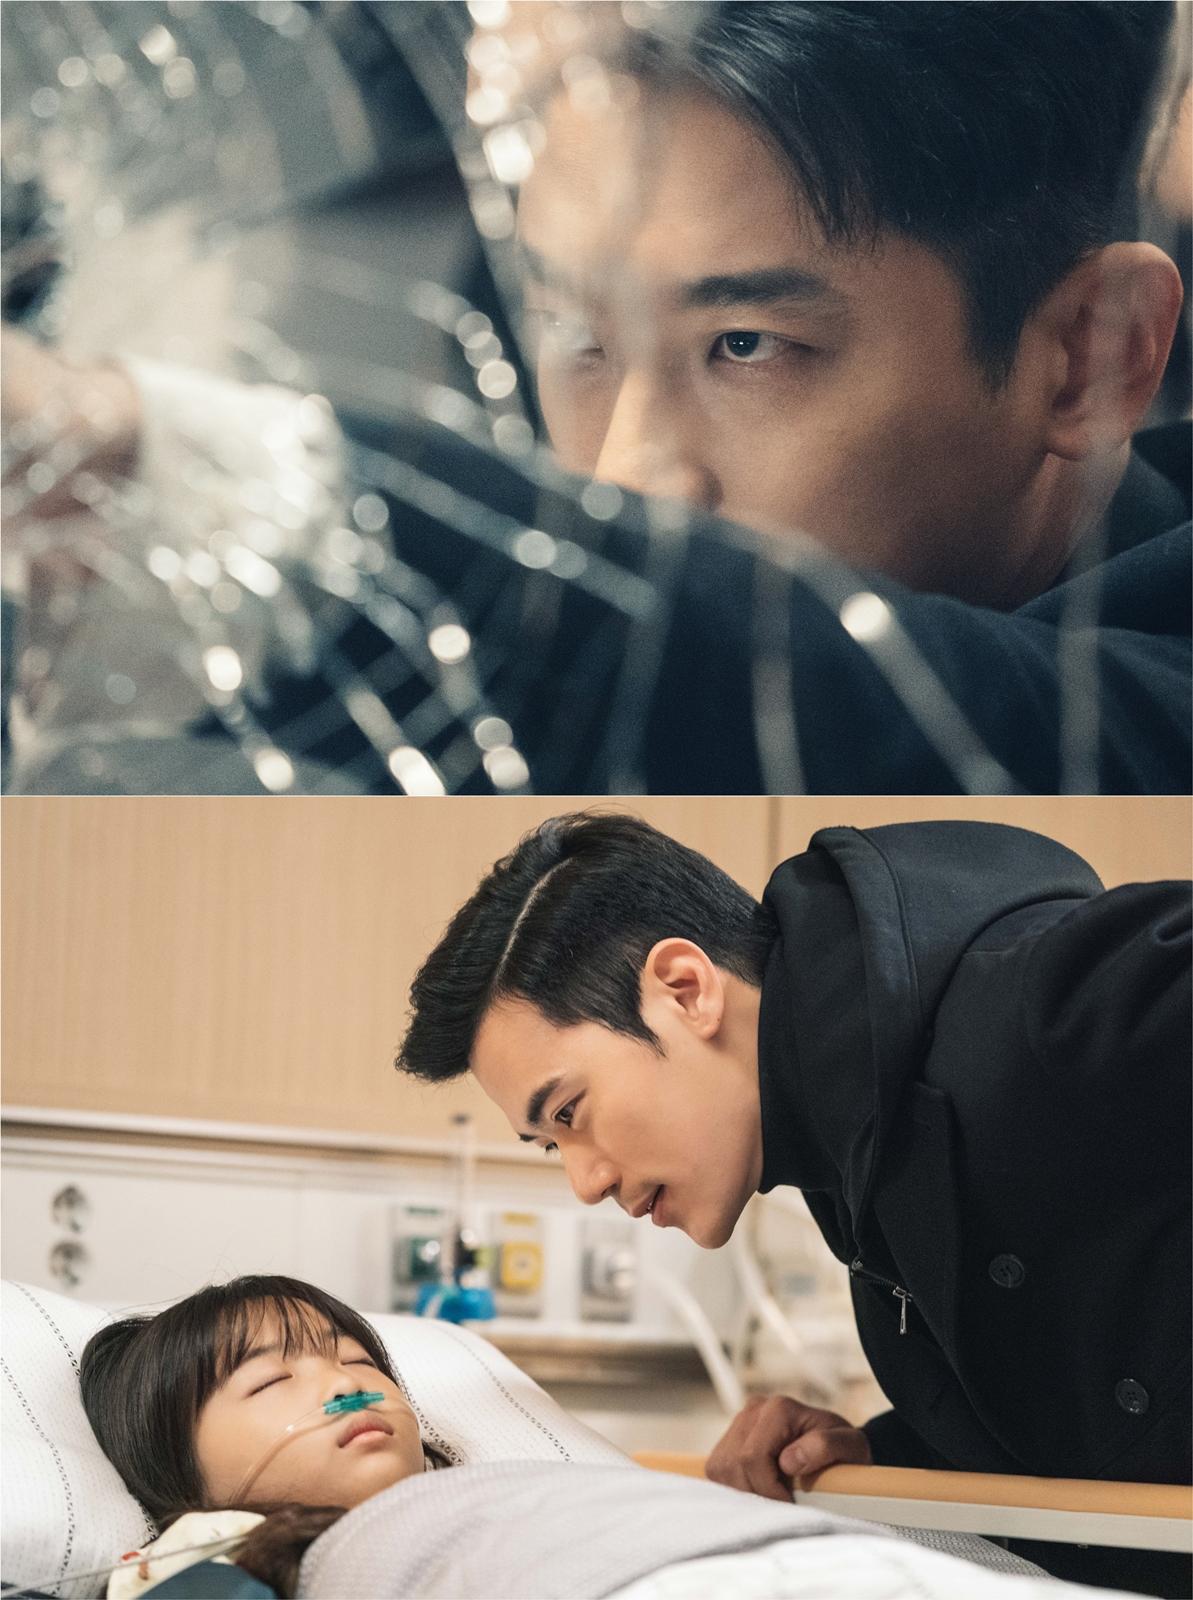 '아이템' 김강우, 식물인간 된 신린아 병실 찾아간다…주지훈 분노 폭발